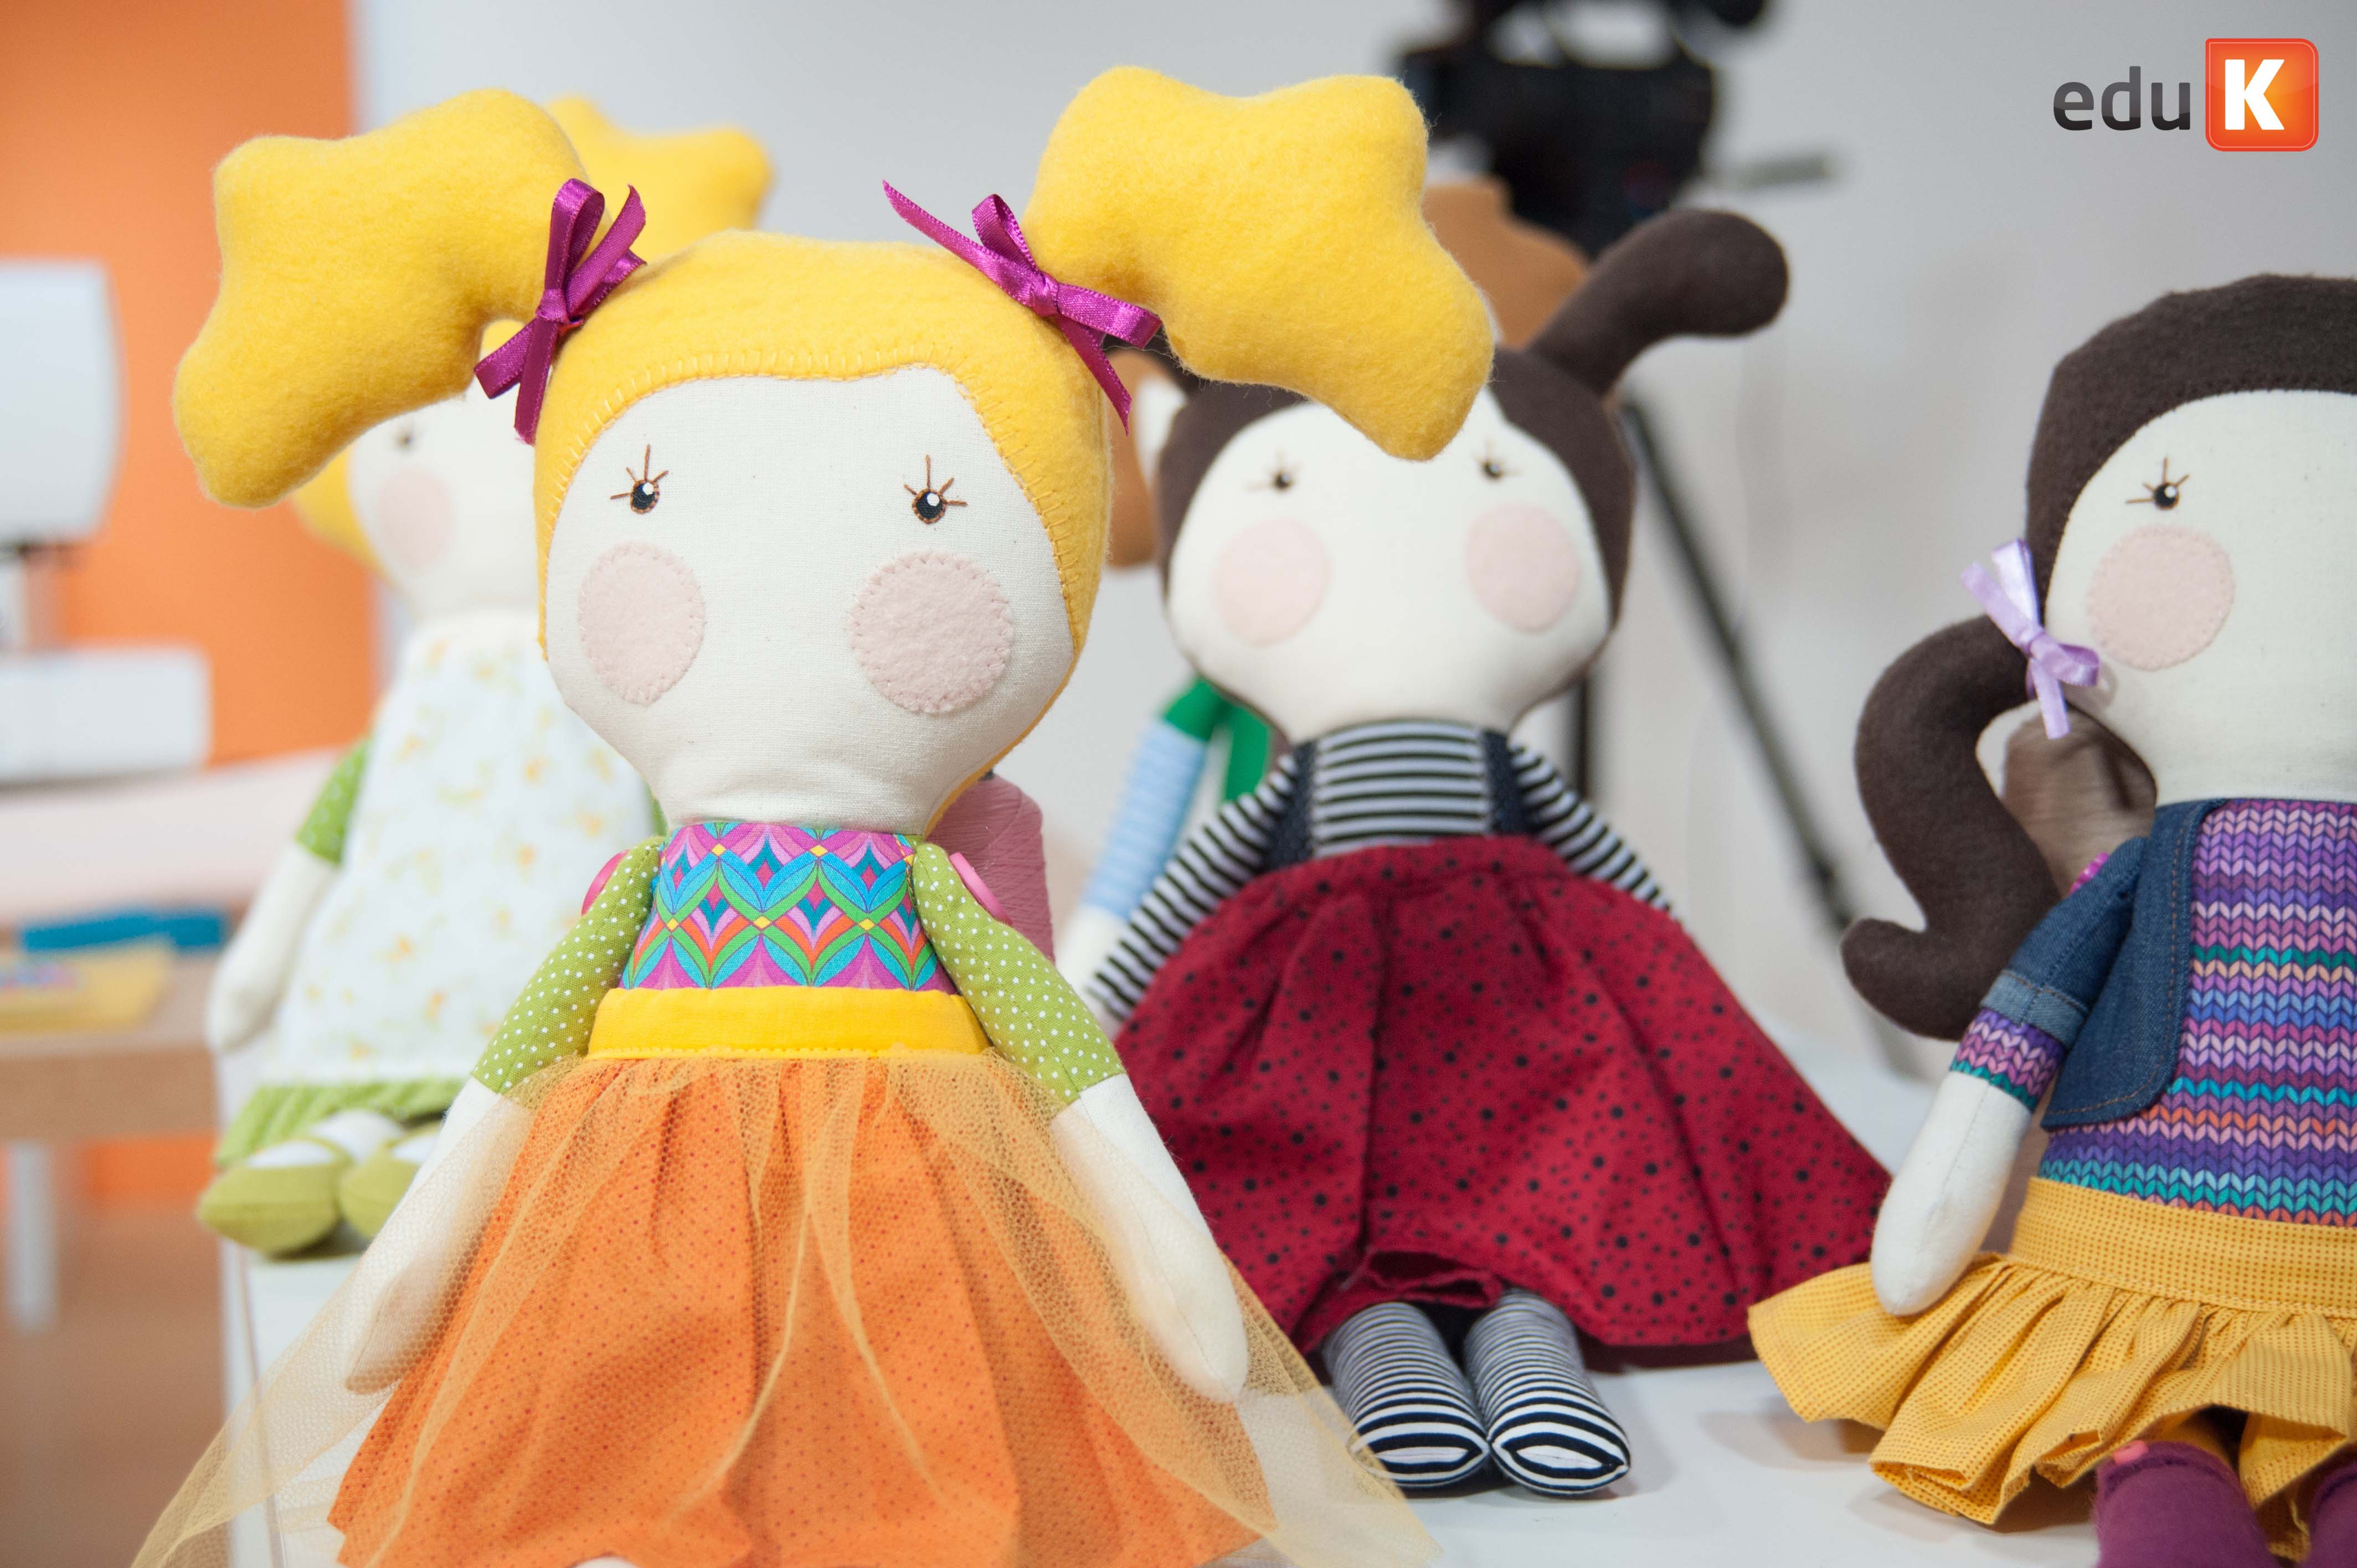 Bonecos de pano desenvolvidos por Gigi Serelepe